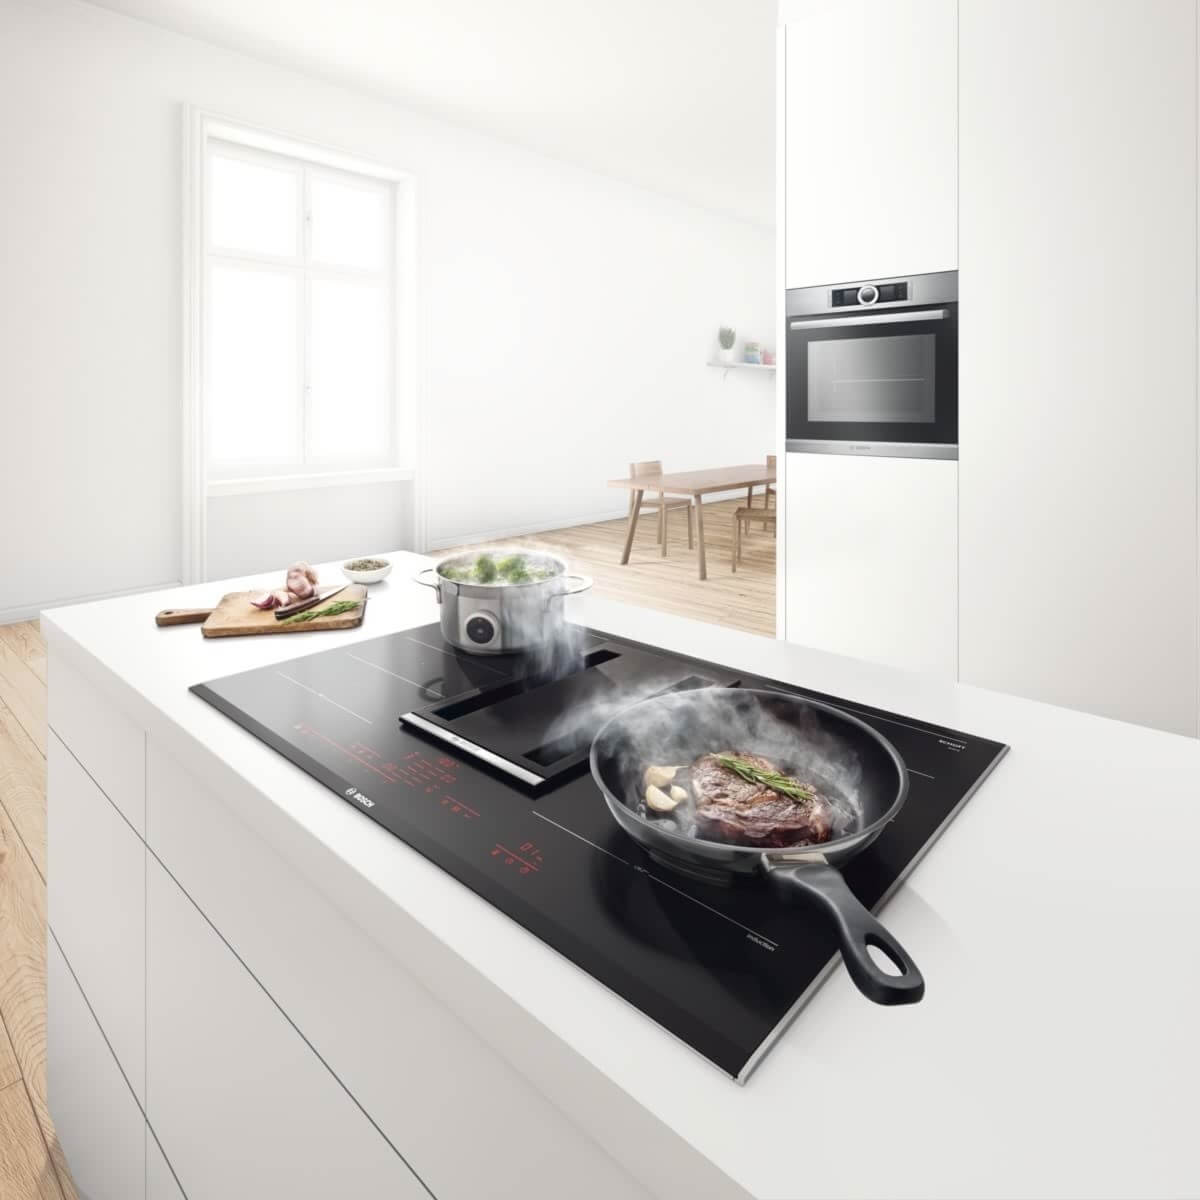 bosch kochfeld mit integriertem dunstabzug preis leistung bilder vom neuen bosch kochfeldabzug. Black Bedroom Furniture Sets. Home Design Ideas